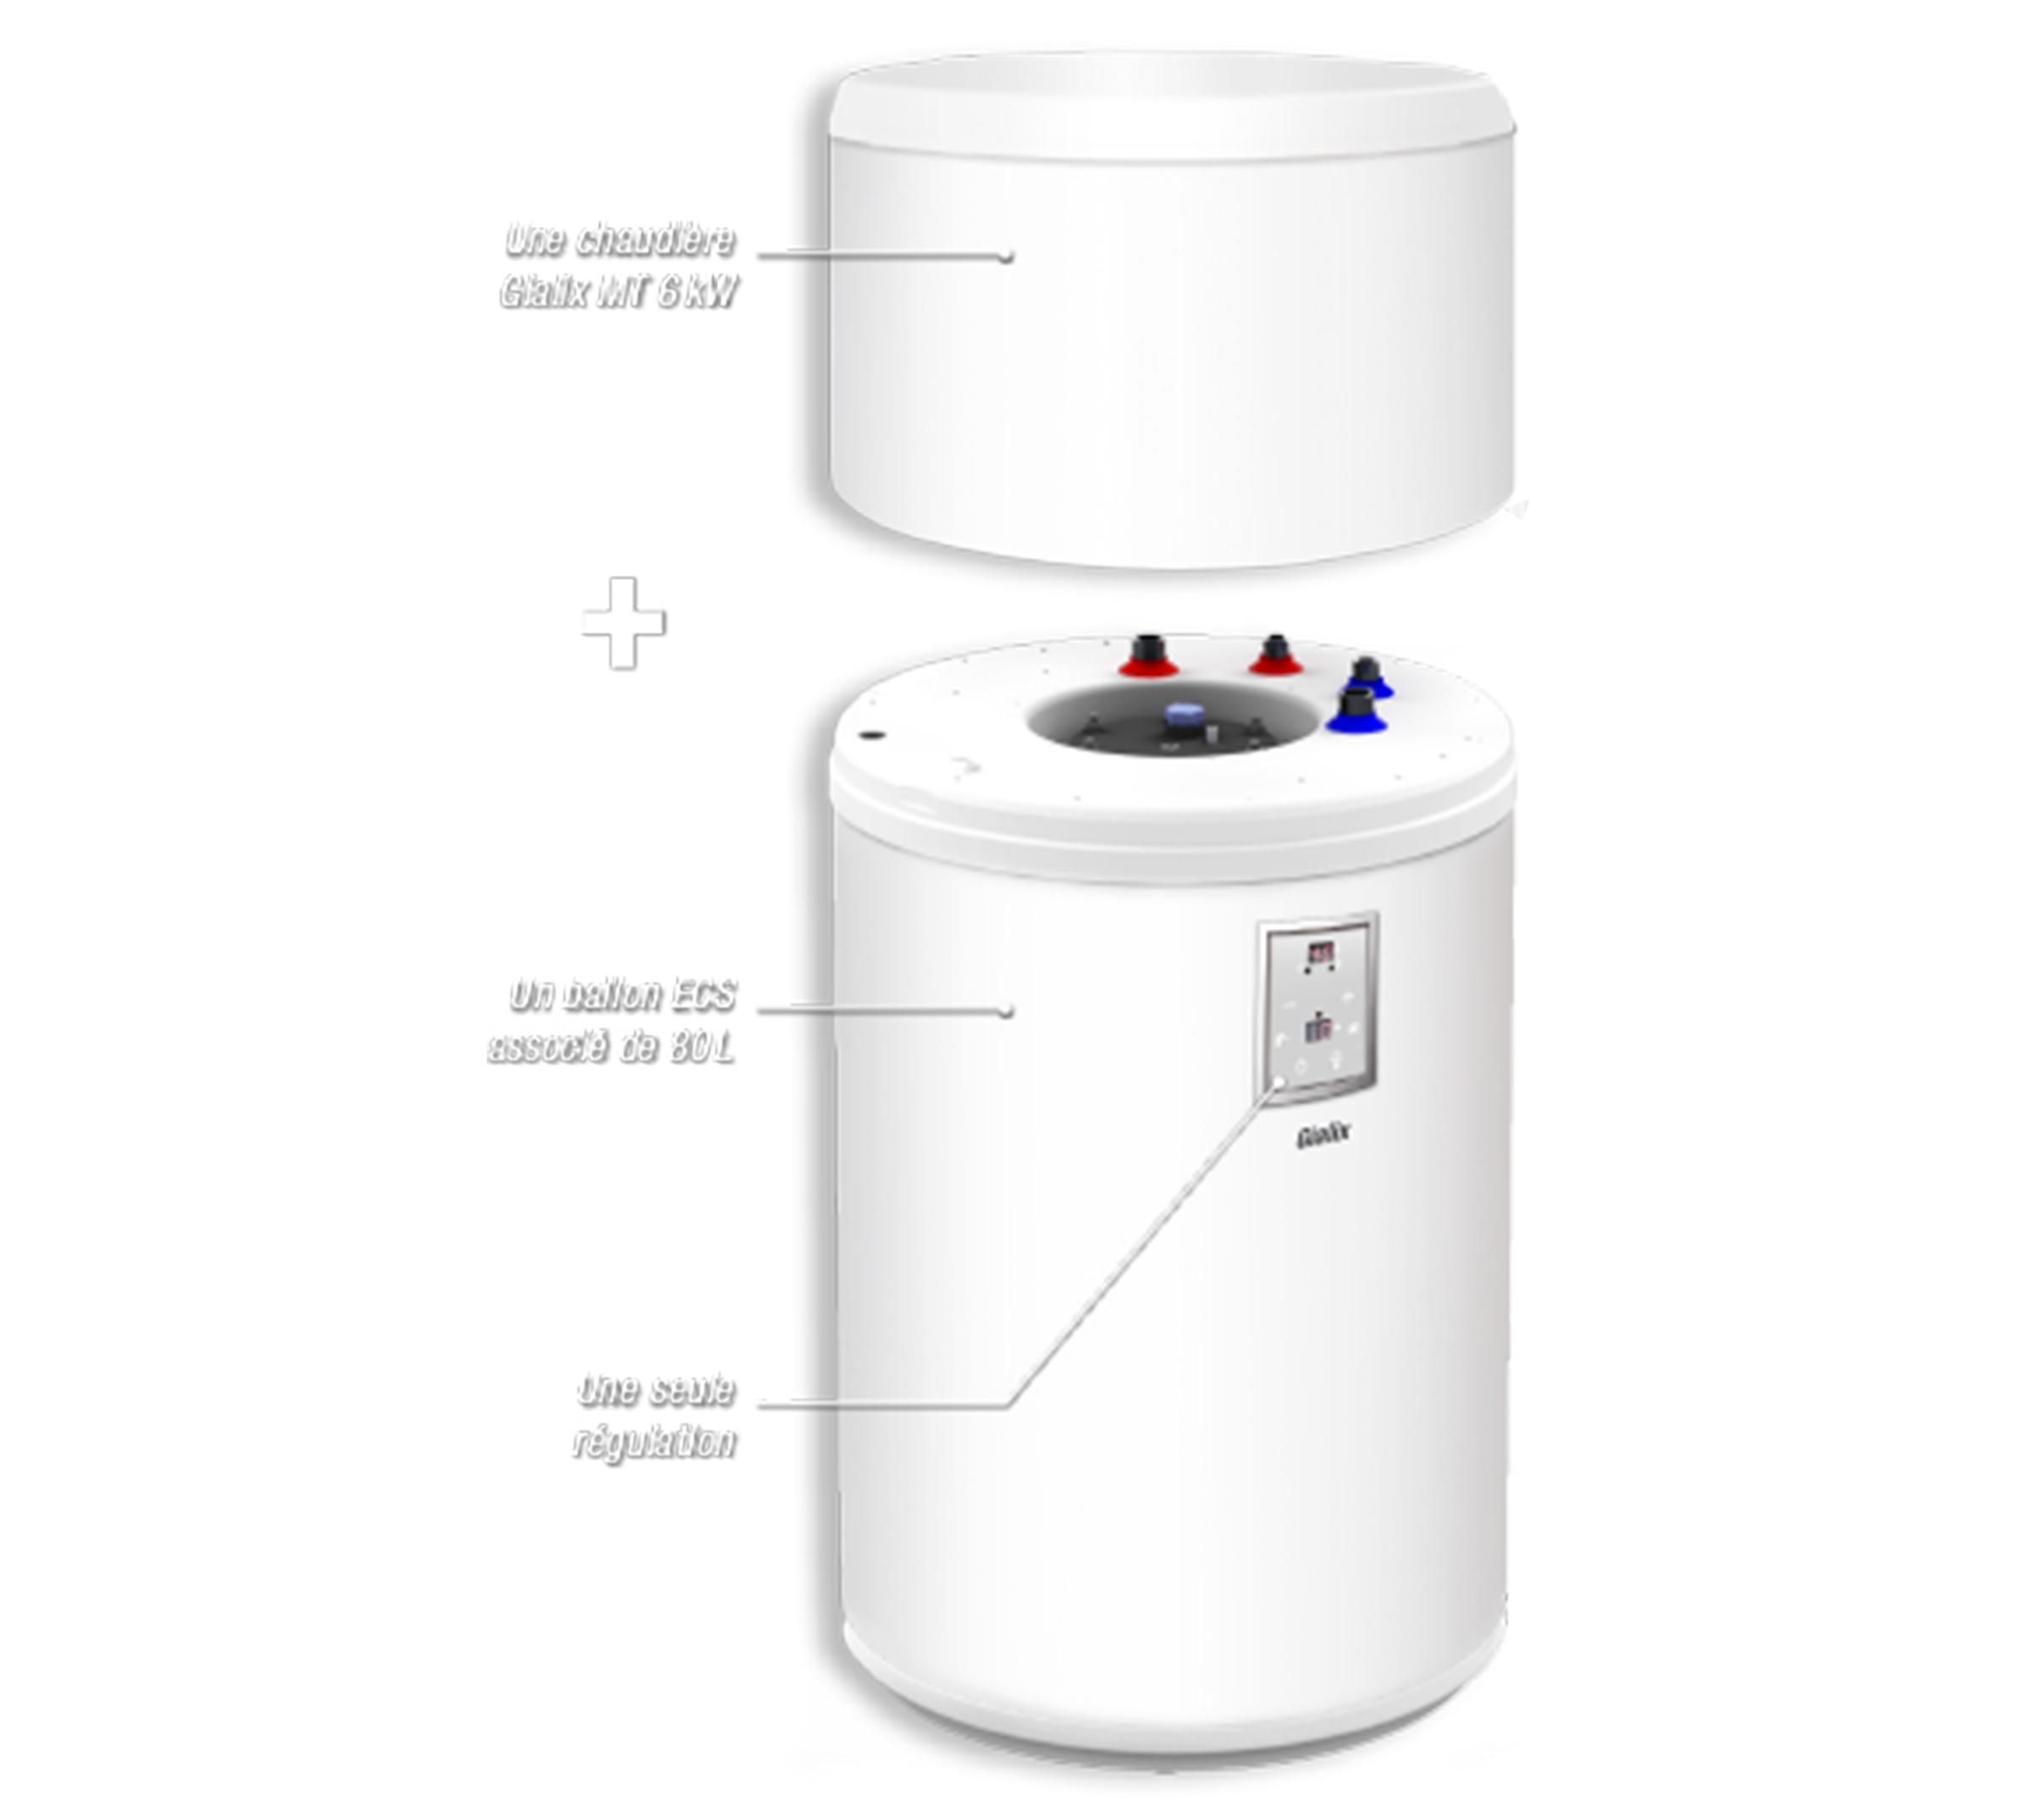 chaudiere-electrique-ECS-Gialix-DS80